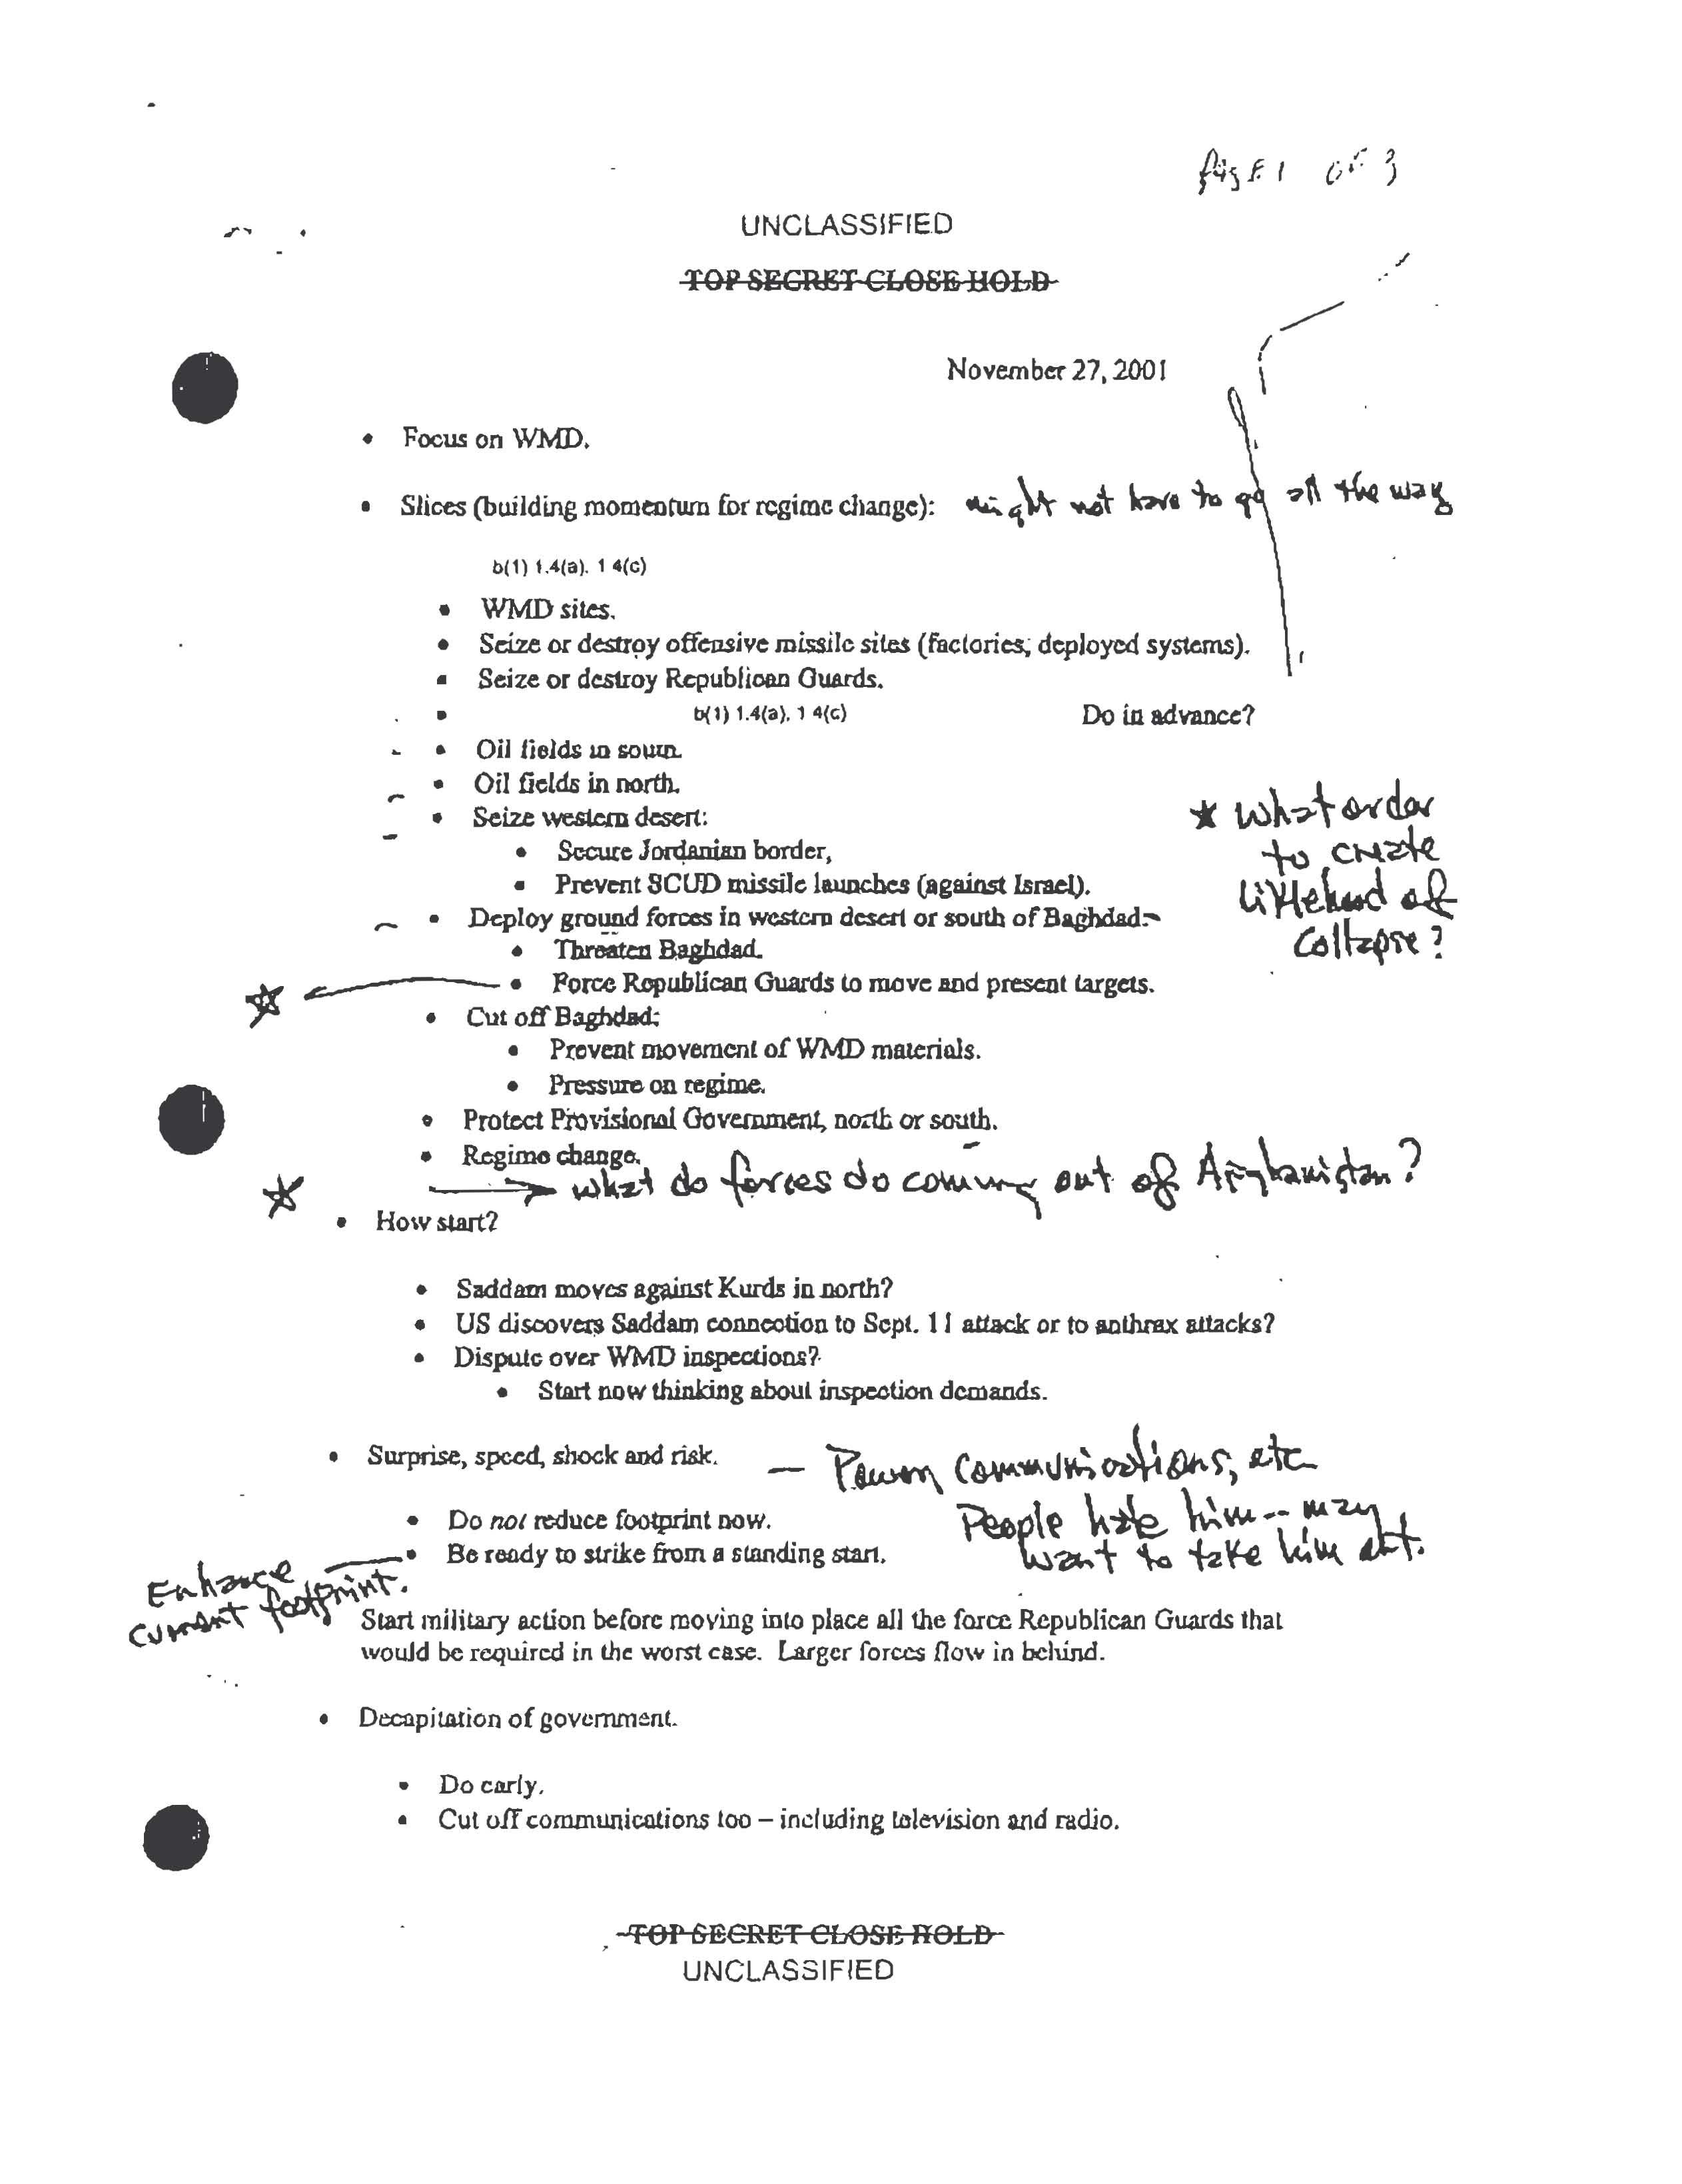 Rumsfeld Confirms Archive Analysis Unredacted